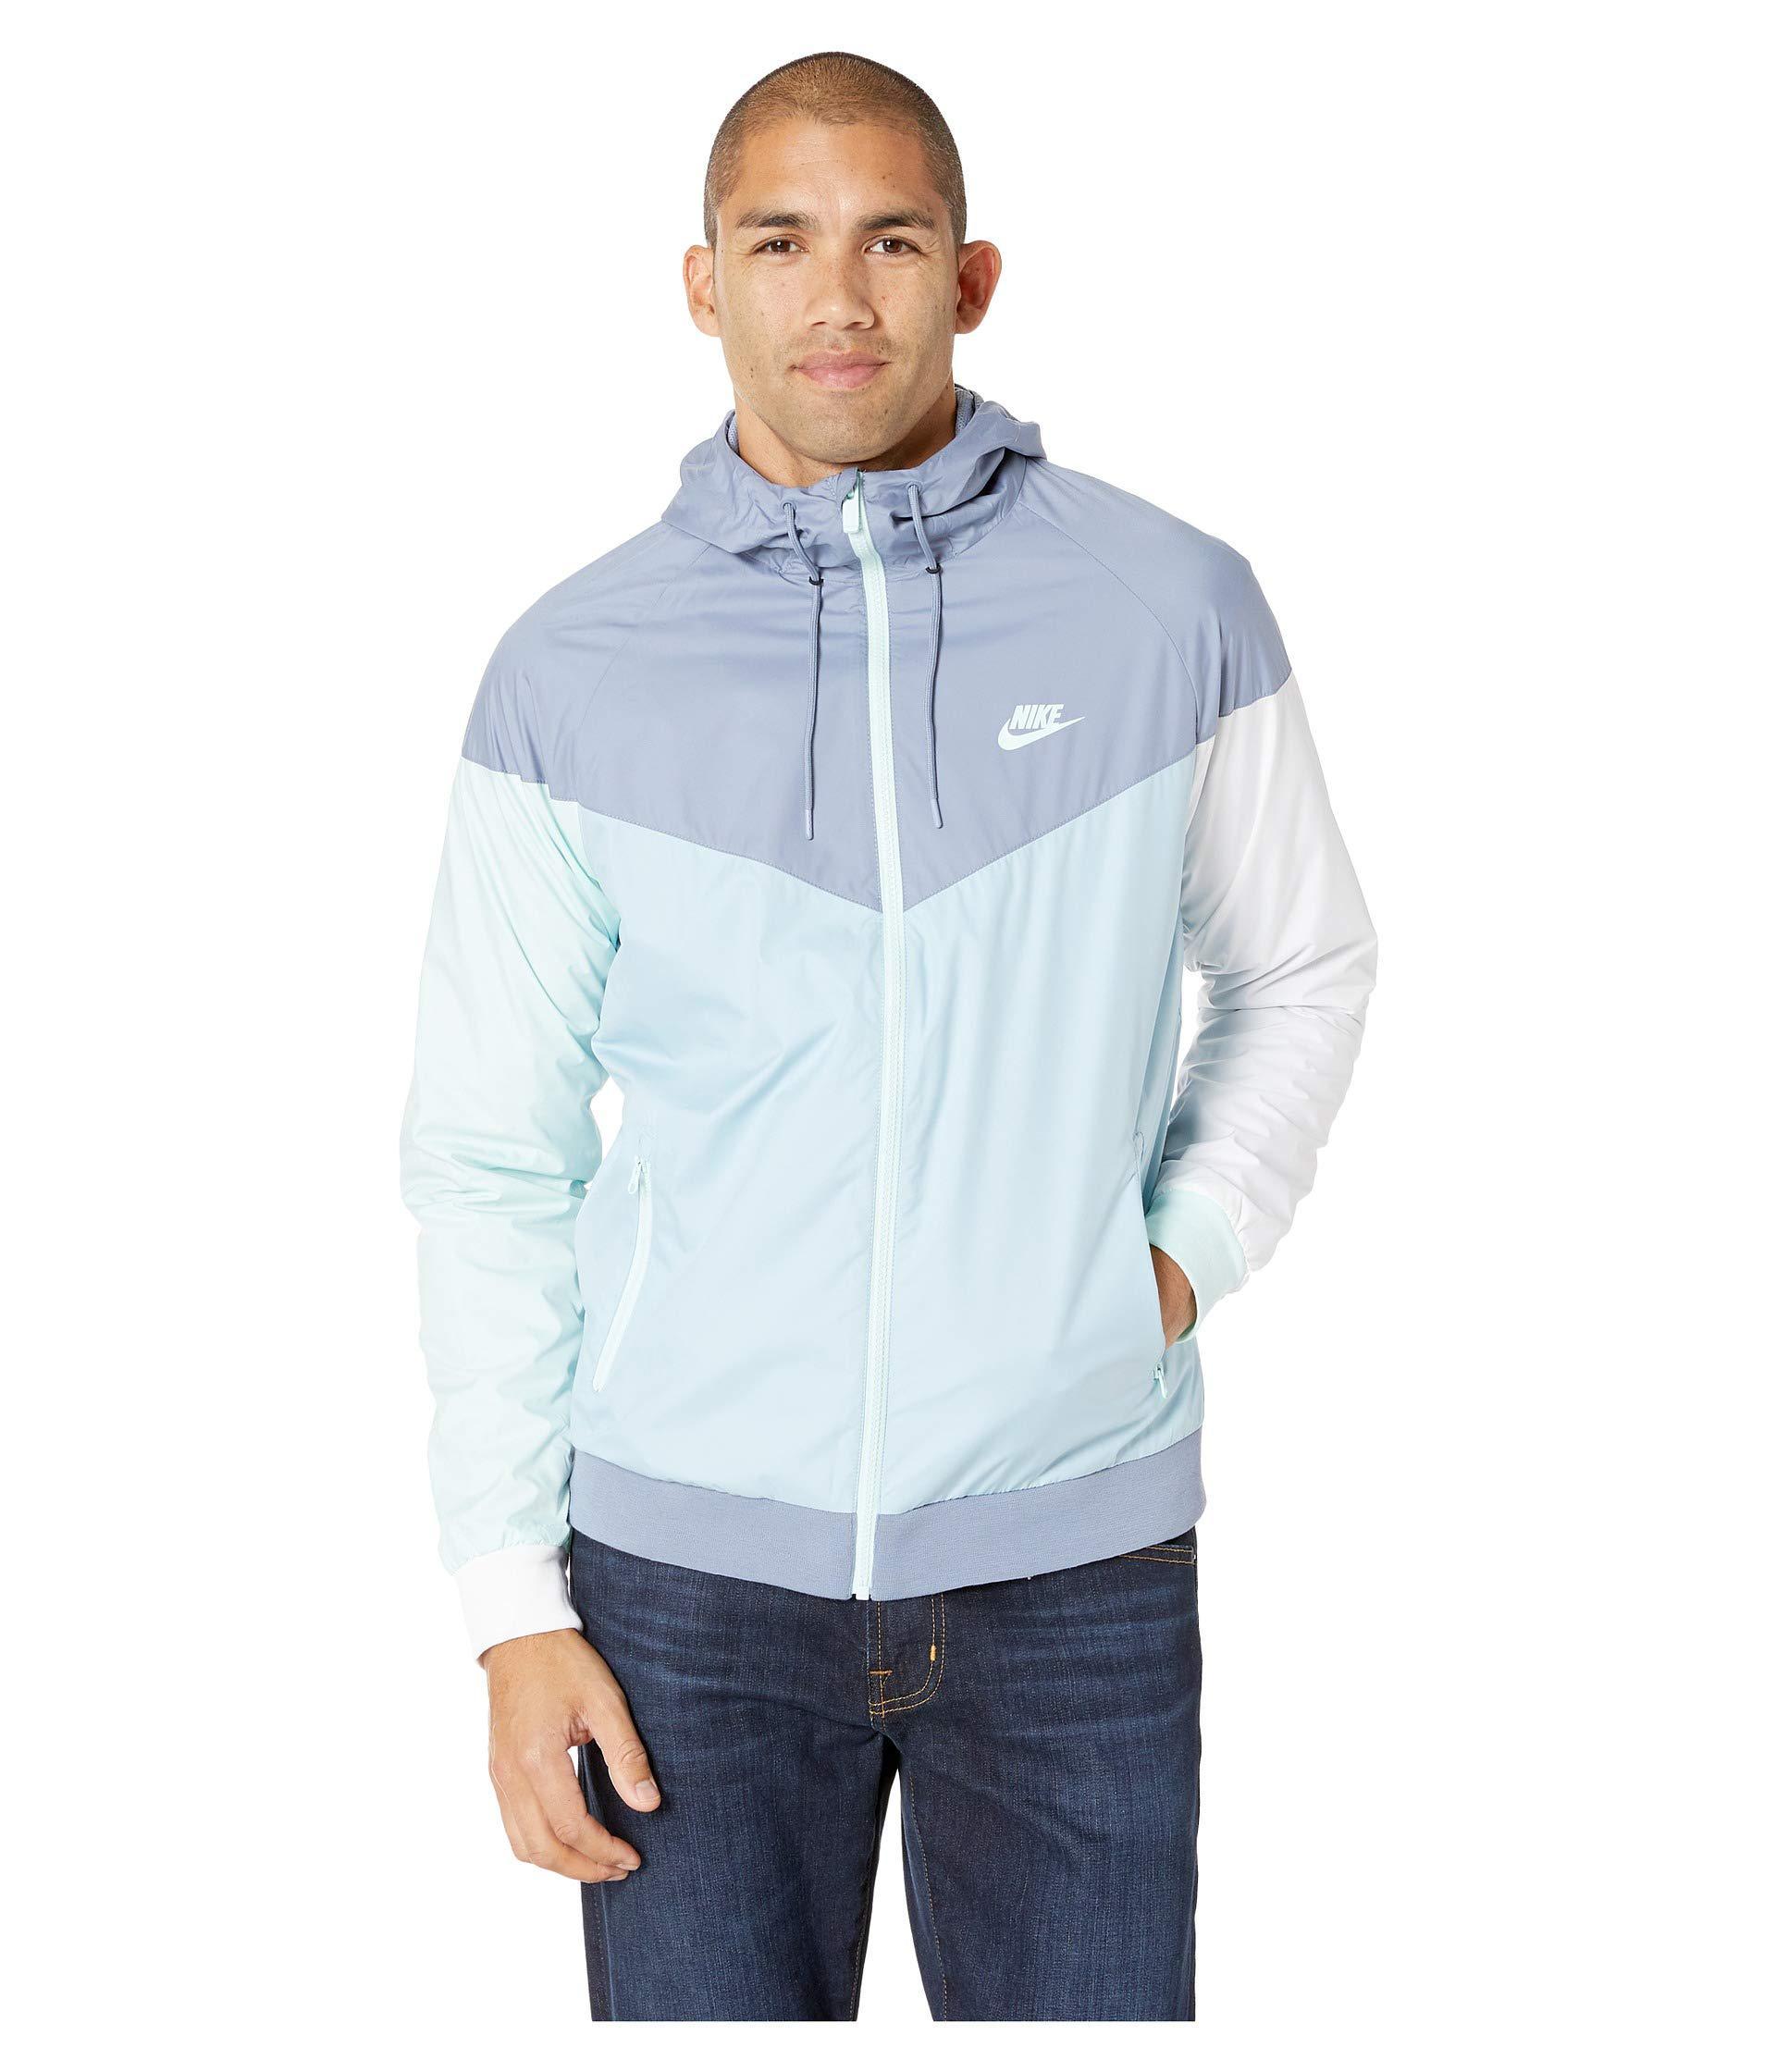 60a8958d5e Lyst - Nike Sportwear Windrunner Jacket in Blue for Men